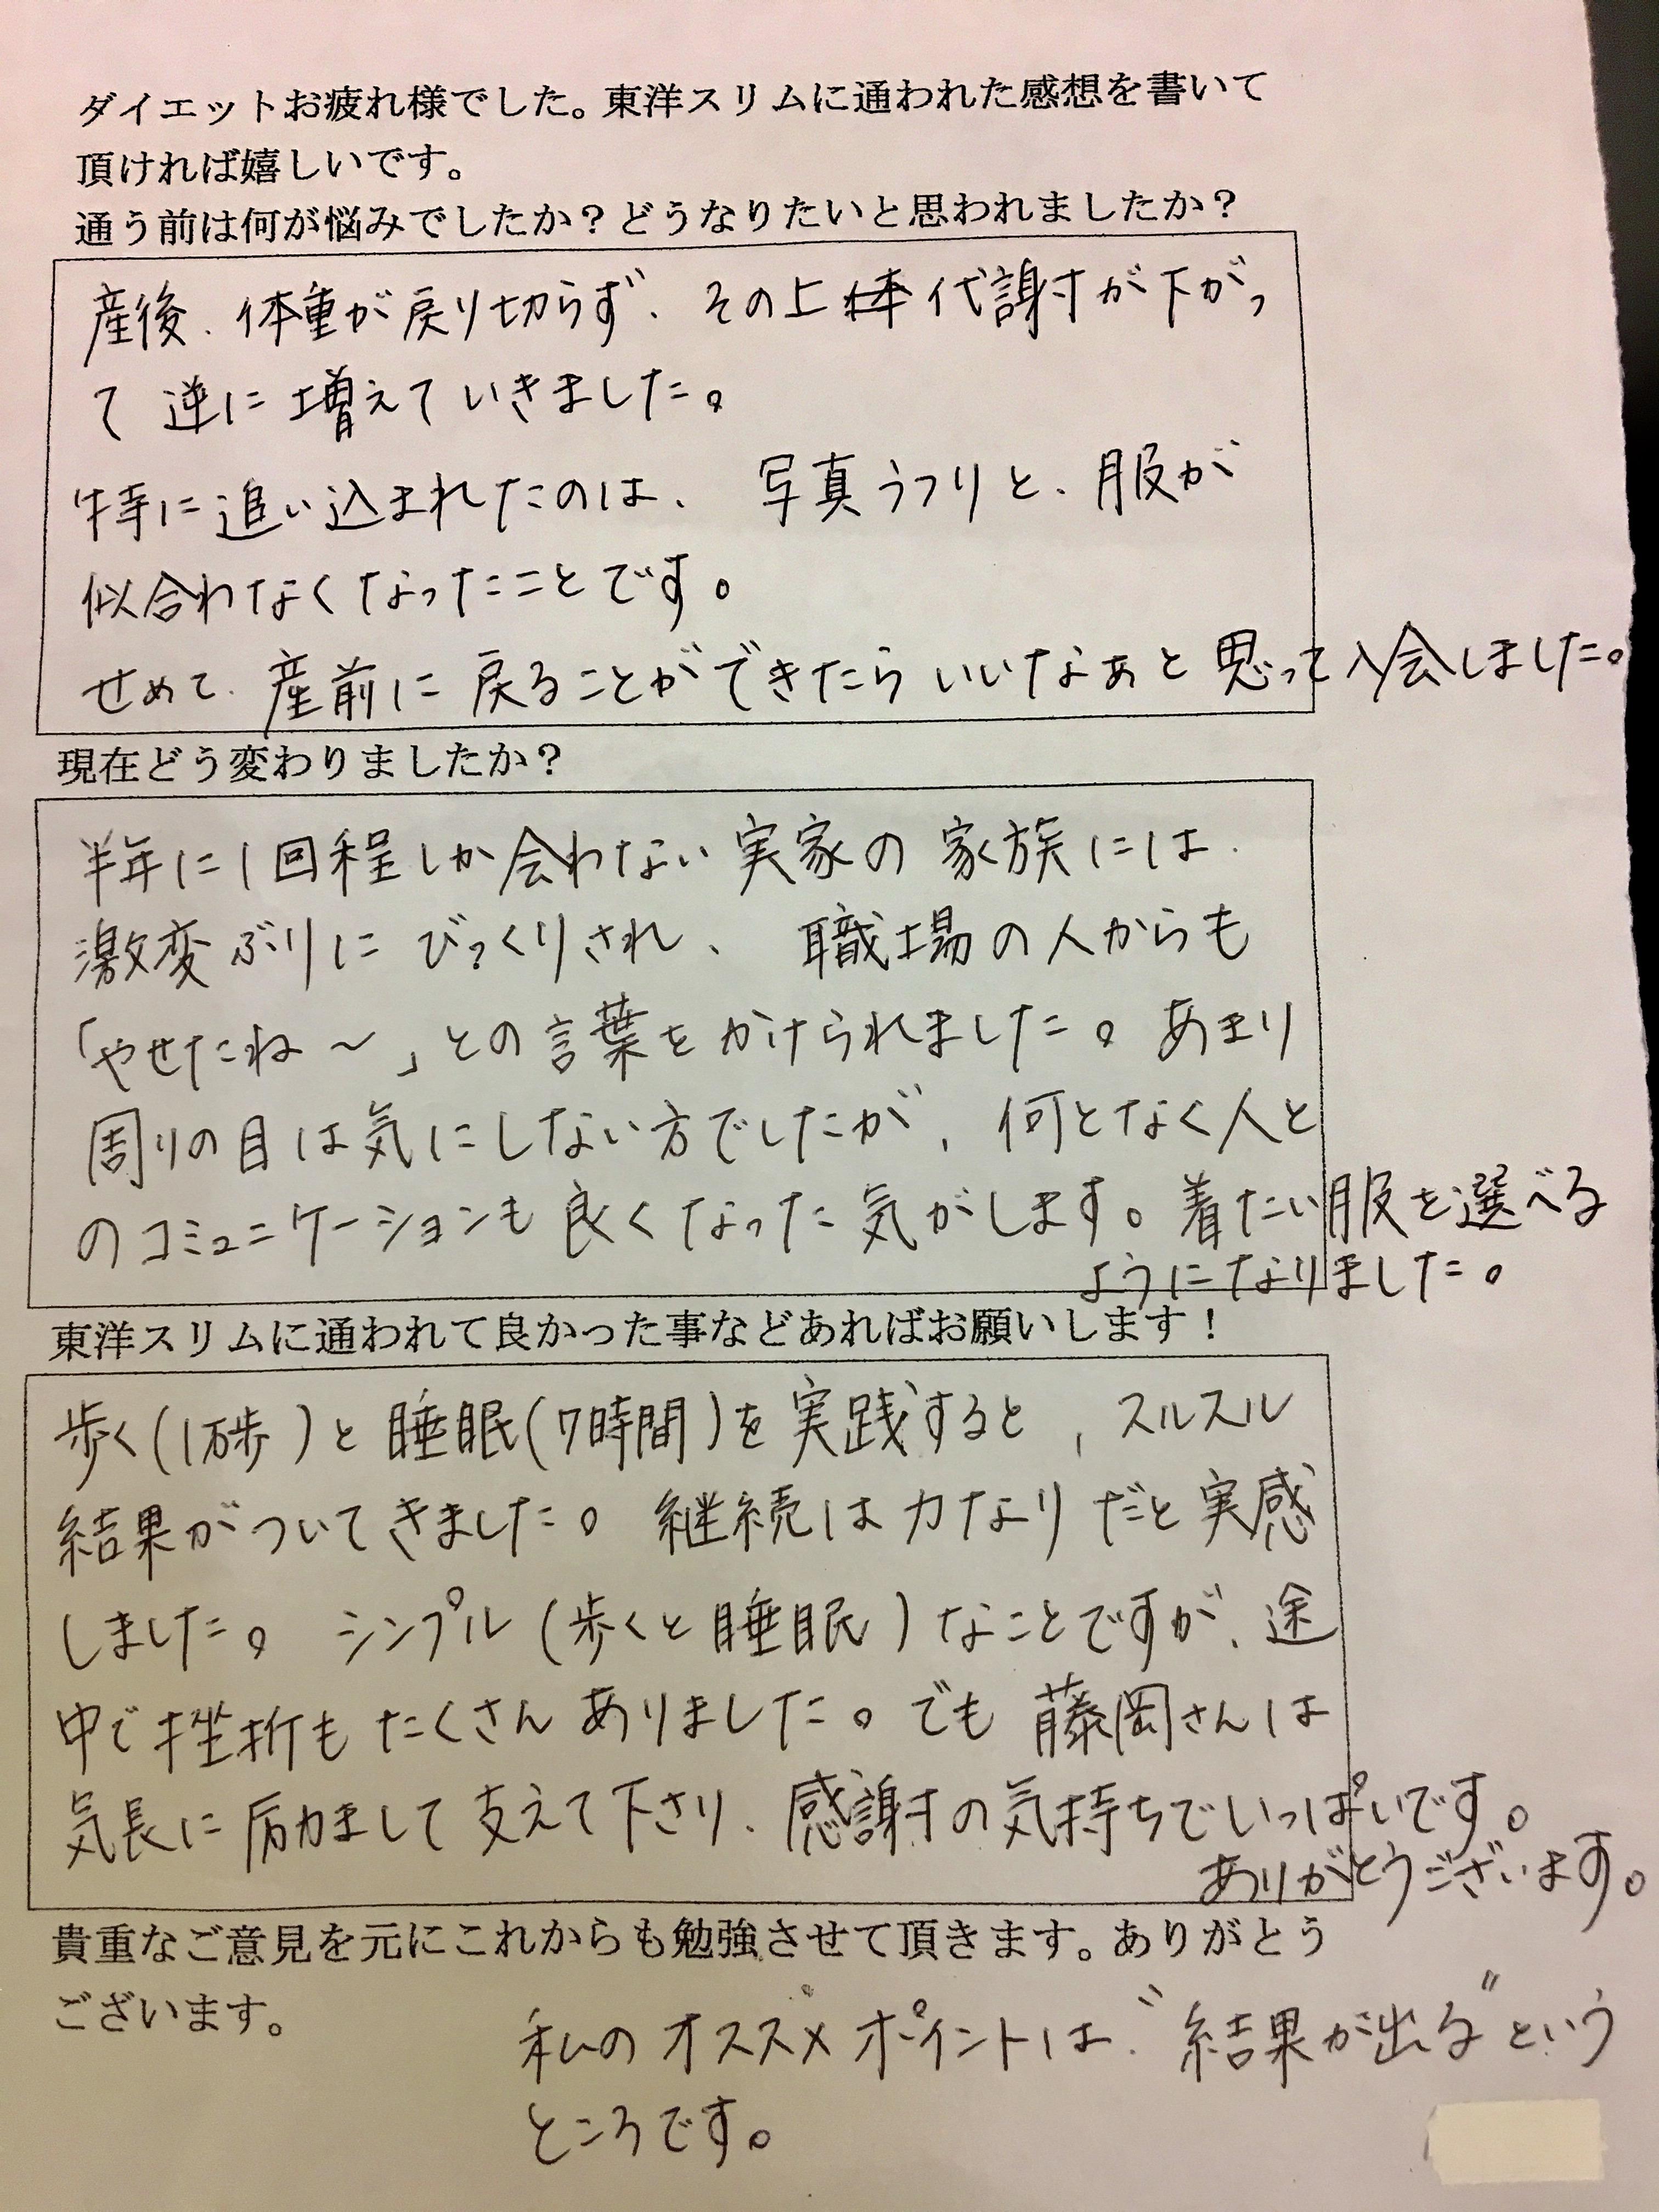 大阪府羽曳野市Oさん37才耳つぼ痩身法で11kgダイエット成功